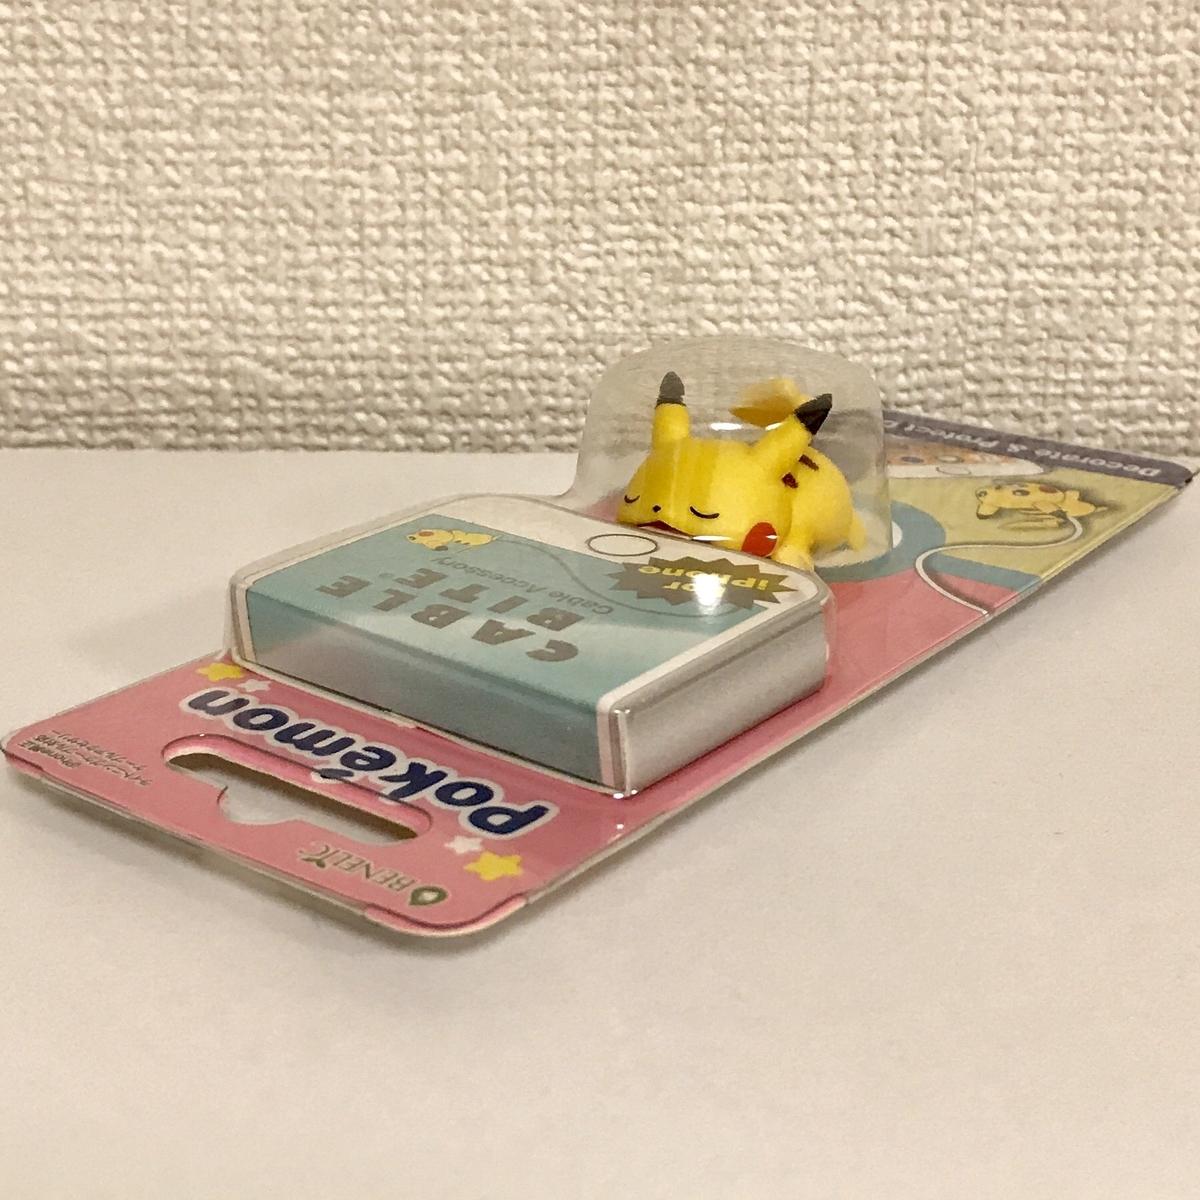 f:id:pikachu_pcn:20190402214501j:plain